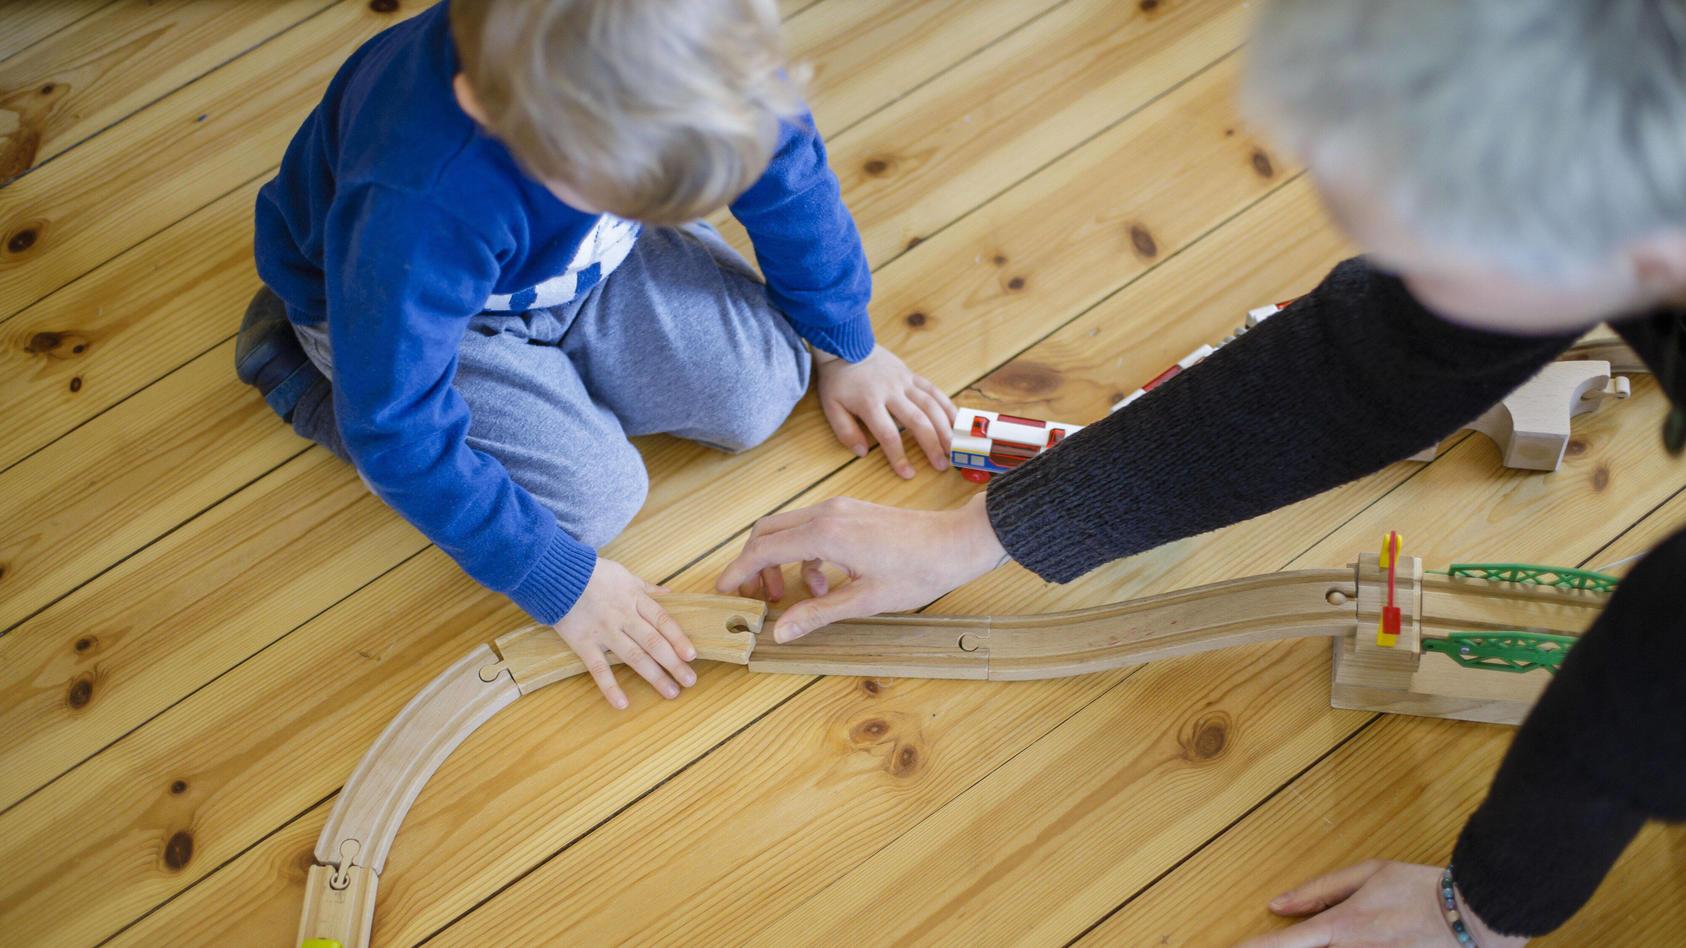 Symbolfoto: Ein Kleinkind und eine Frau spielen auf dem Fussboden mit einer Holzeisenbahn. Berlin, 25.03.2020. Um die A